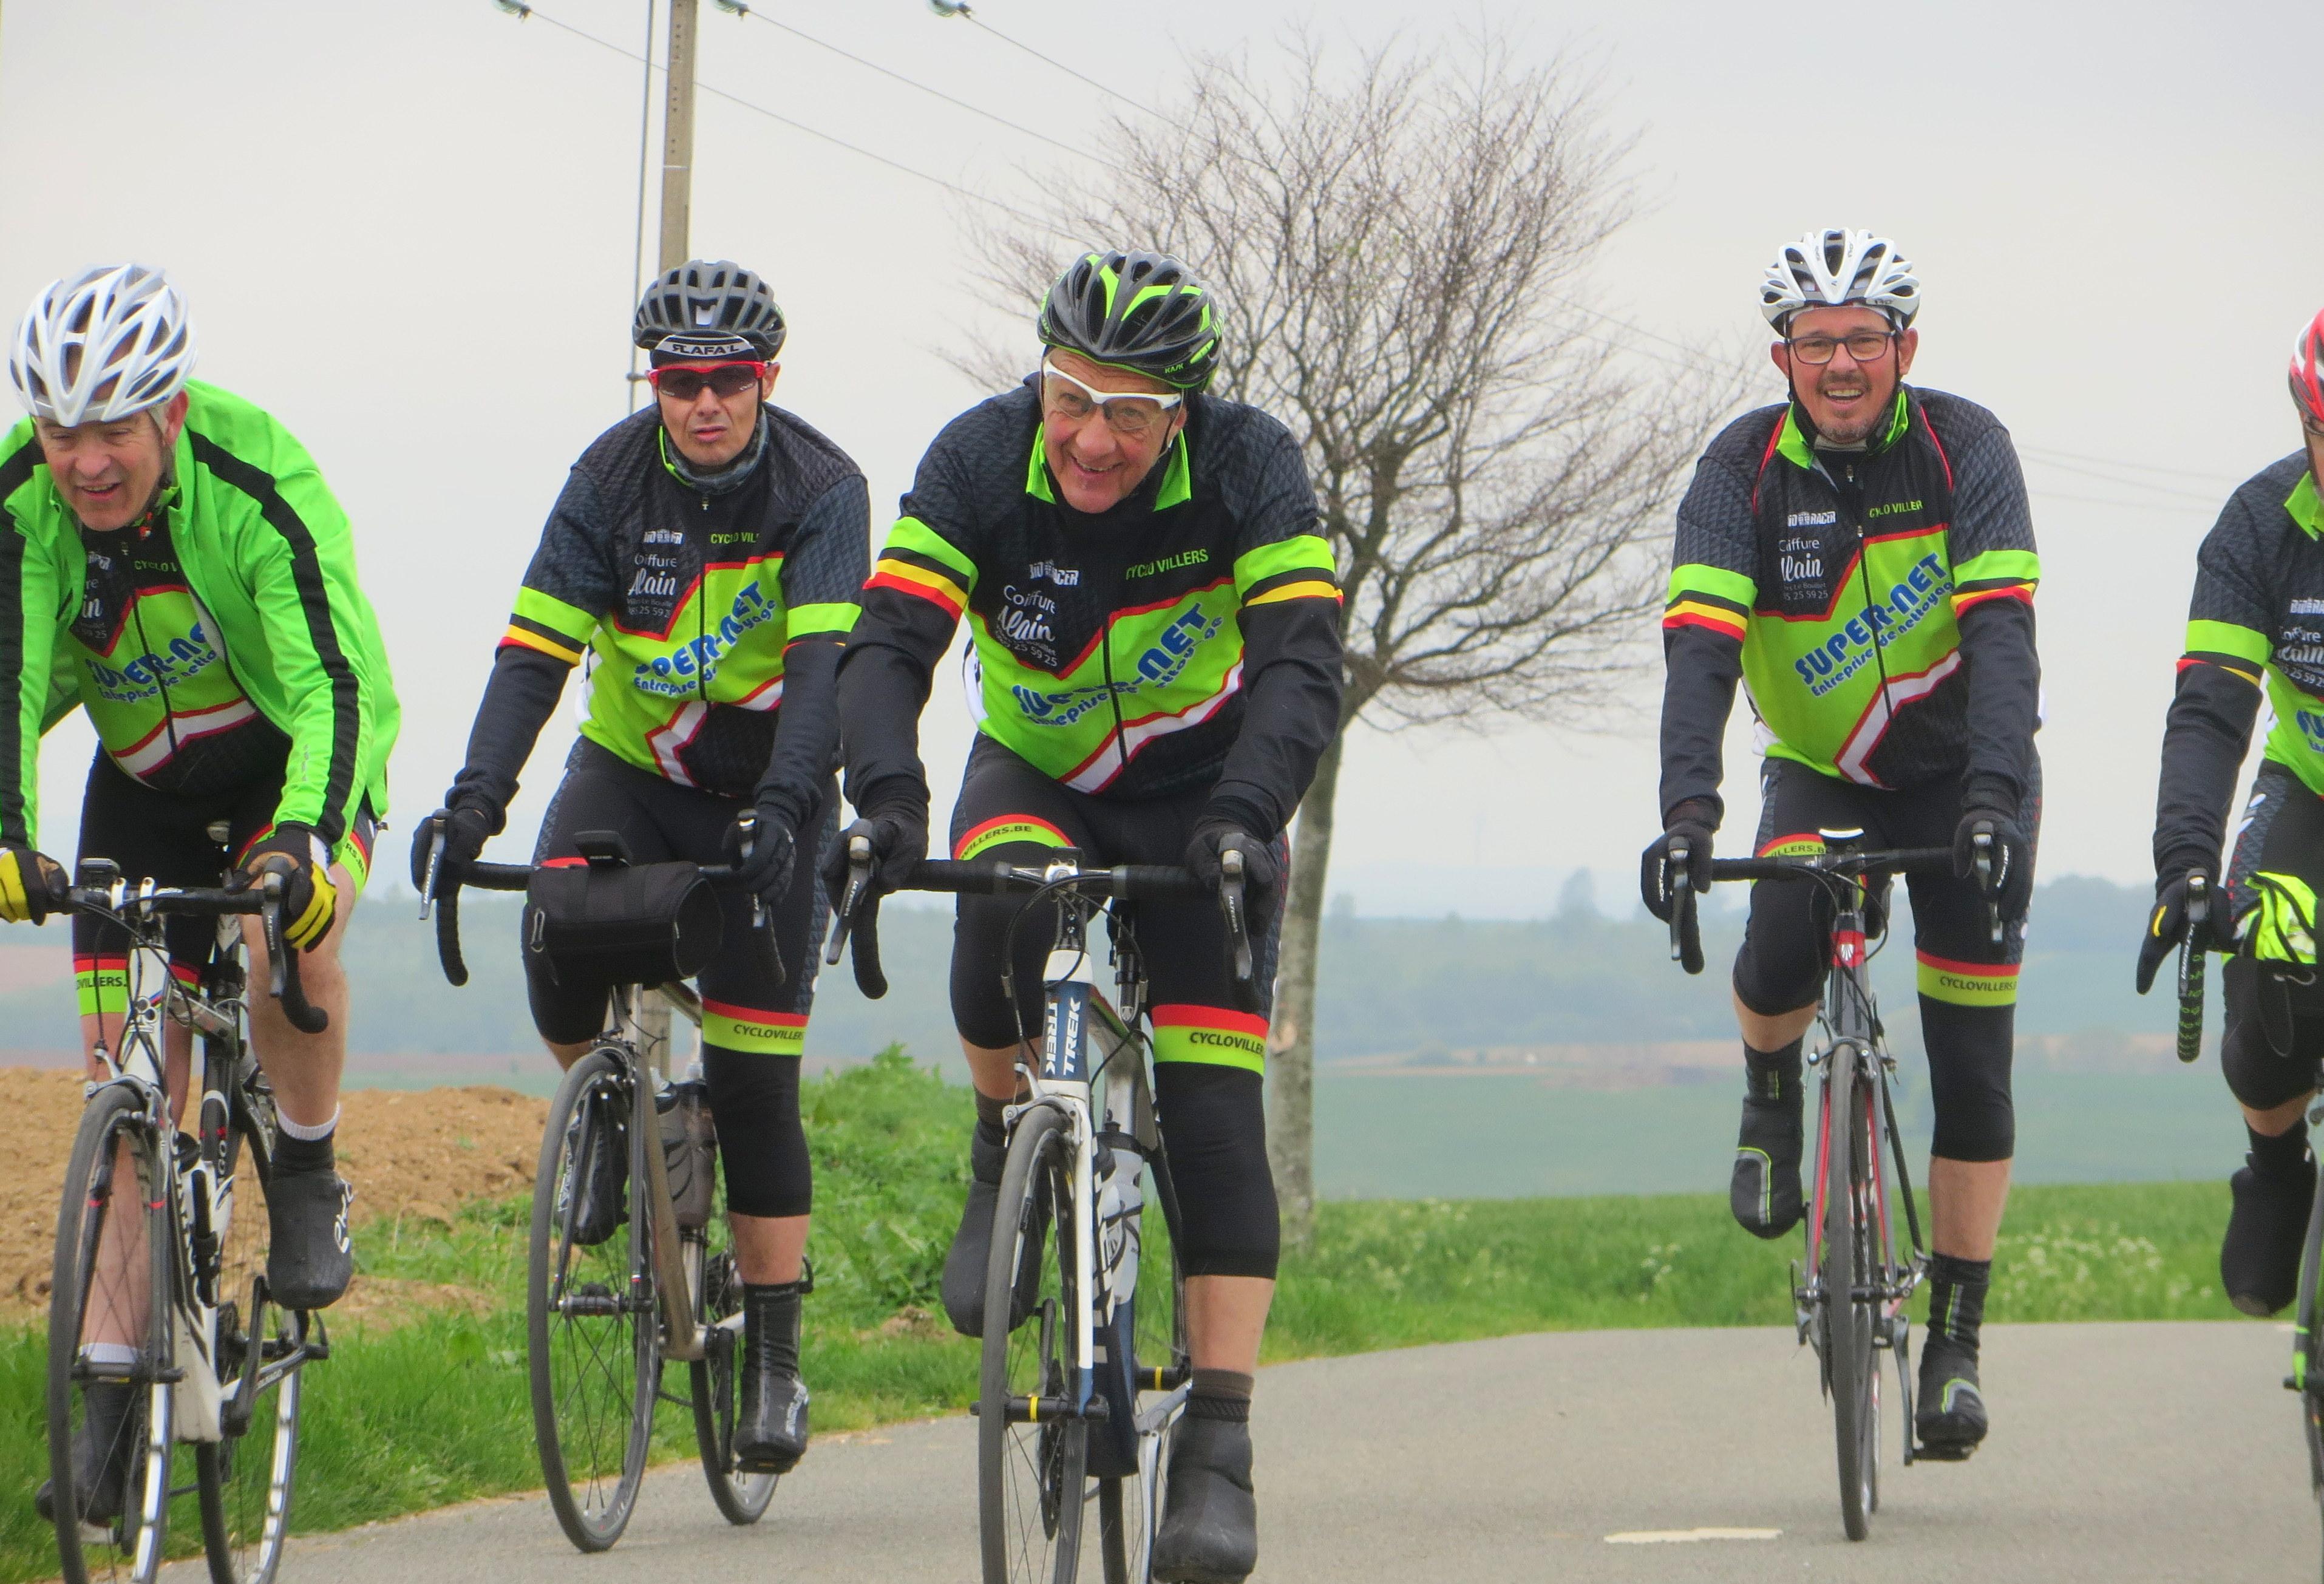 Séjour cyclo en Baie de Somme : du 27 au lundi 30 avril 2018 - Page 6 180501022404754111